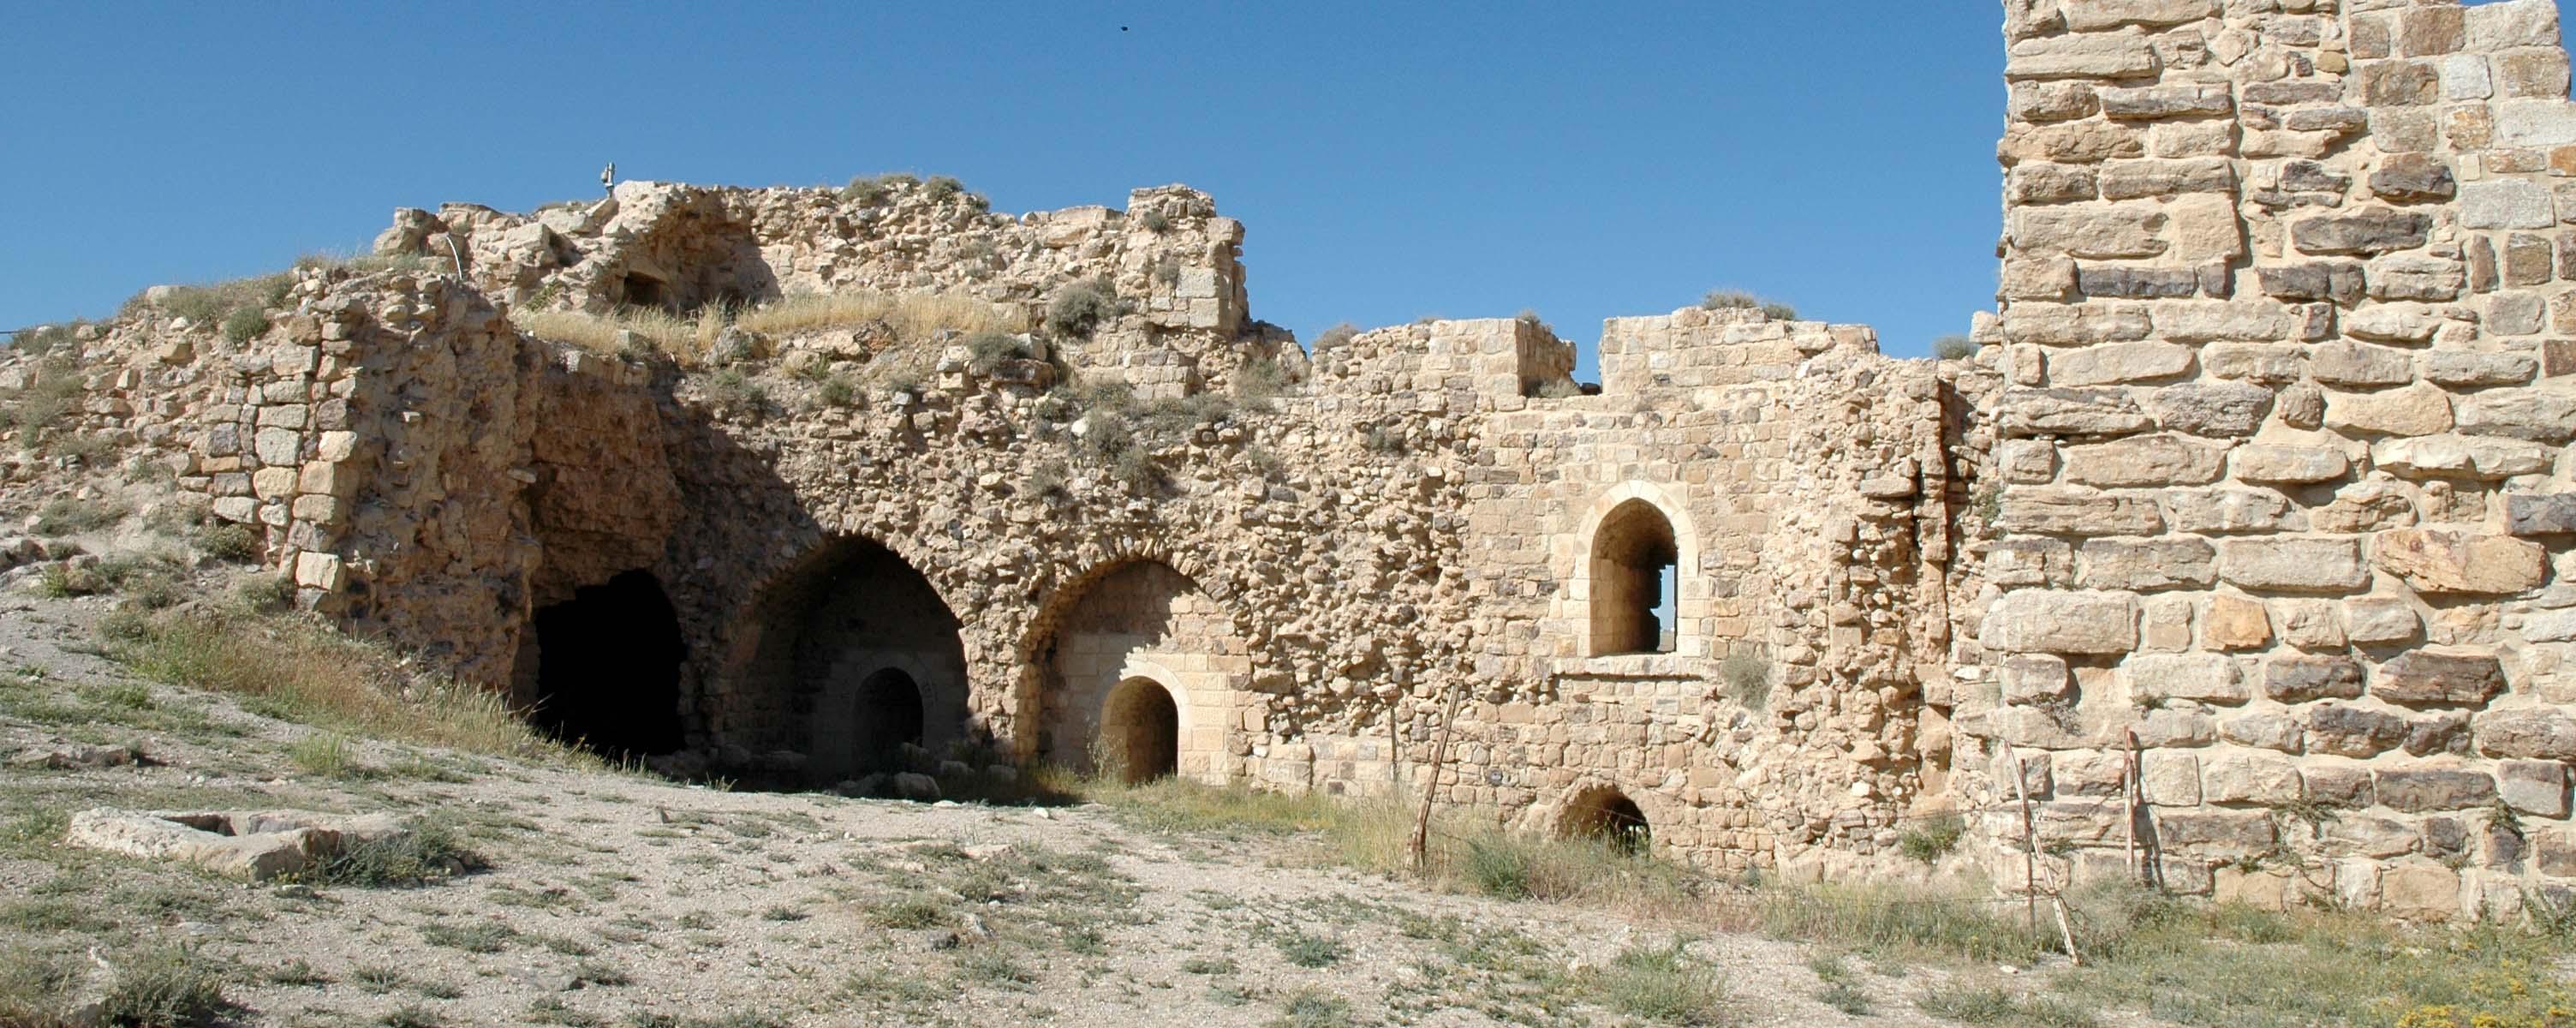 Castello di Karak